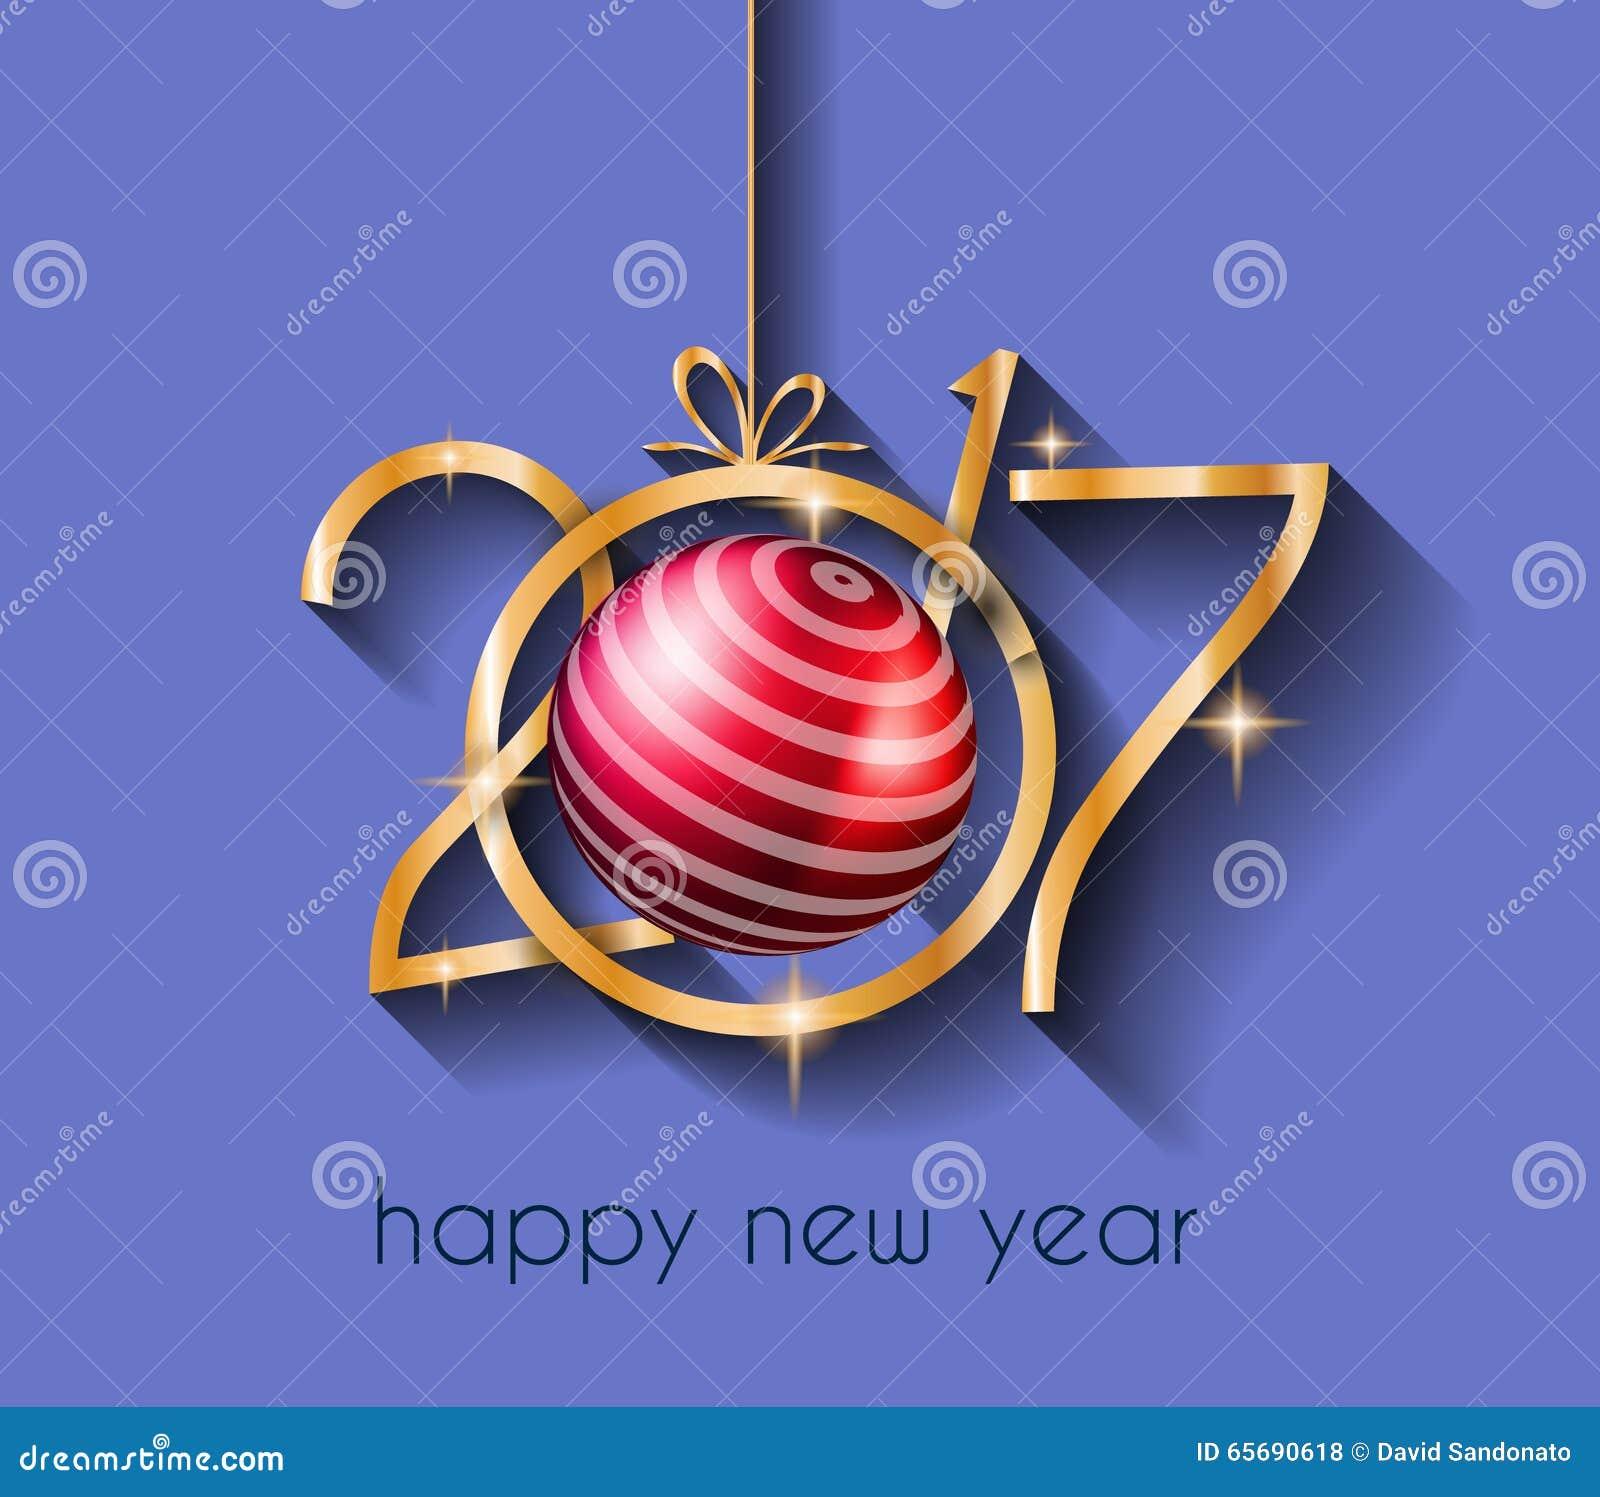 Tarjeta Feliz Navidad Y Feliz Ao Nuevo | apexwallpapers.com